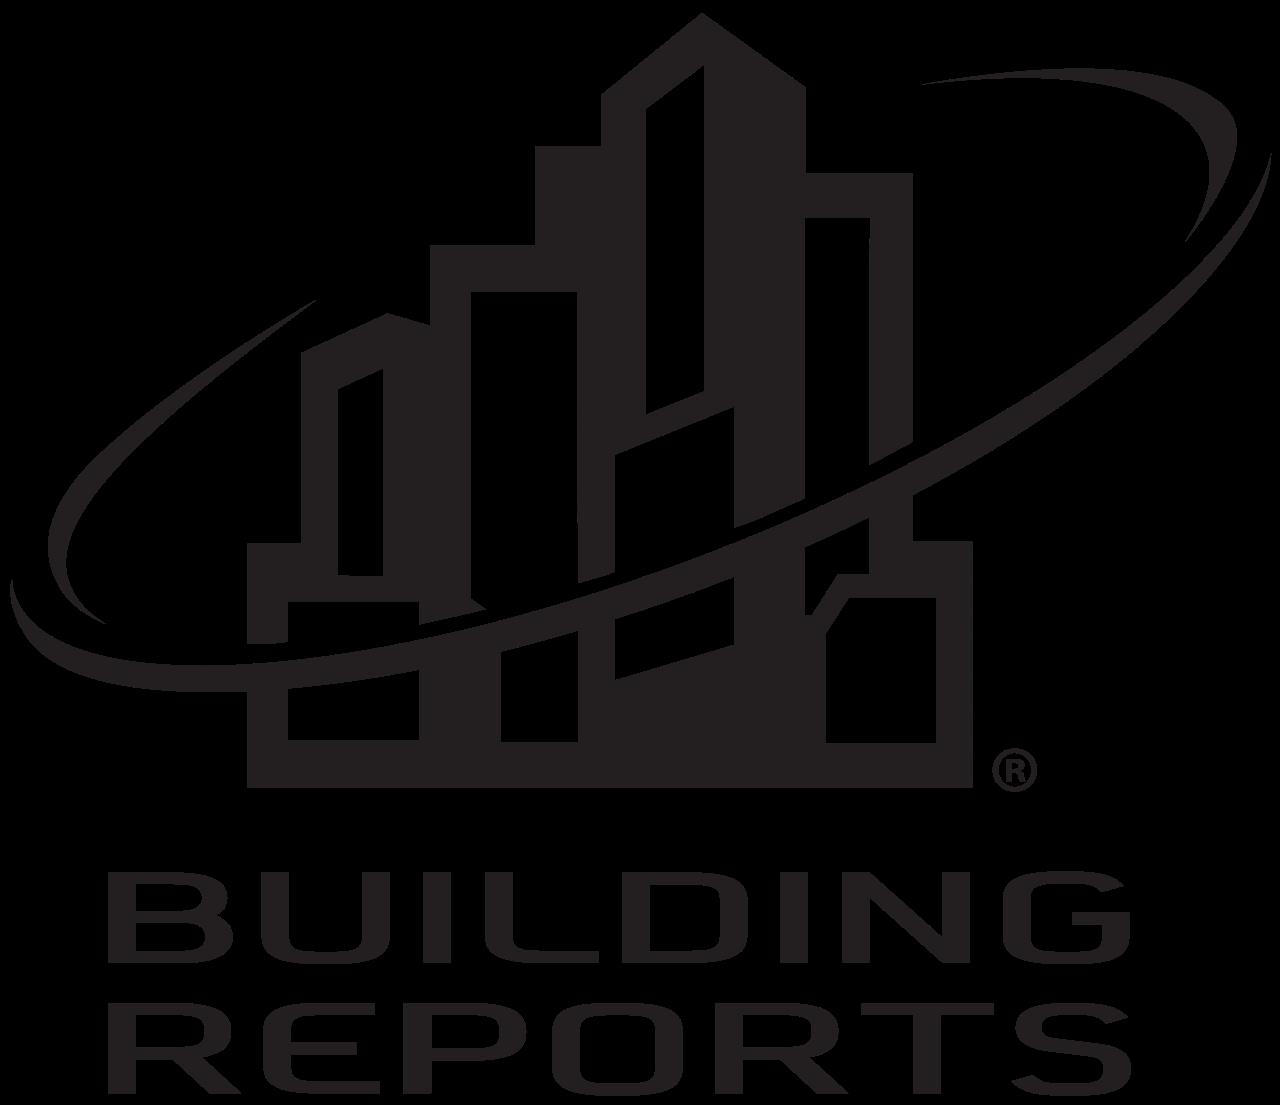 BuildingReports.com, Inc.